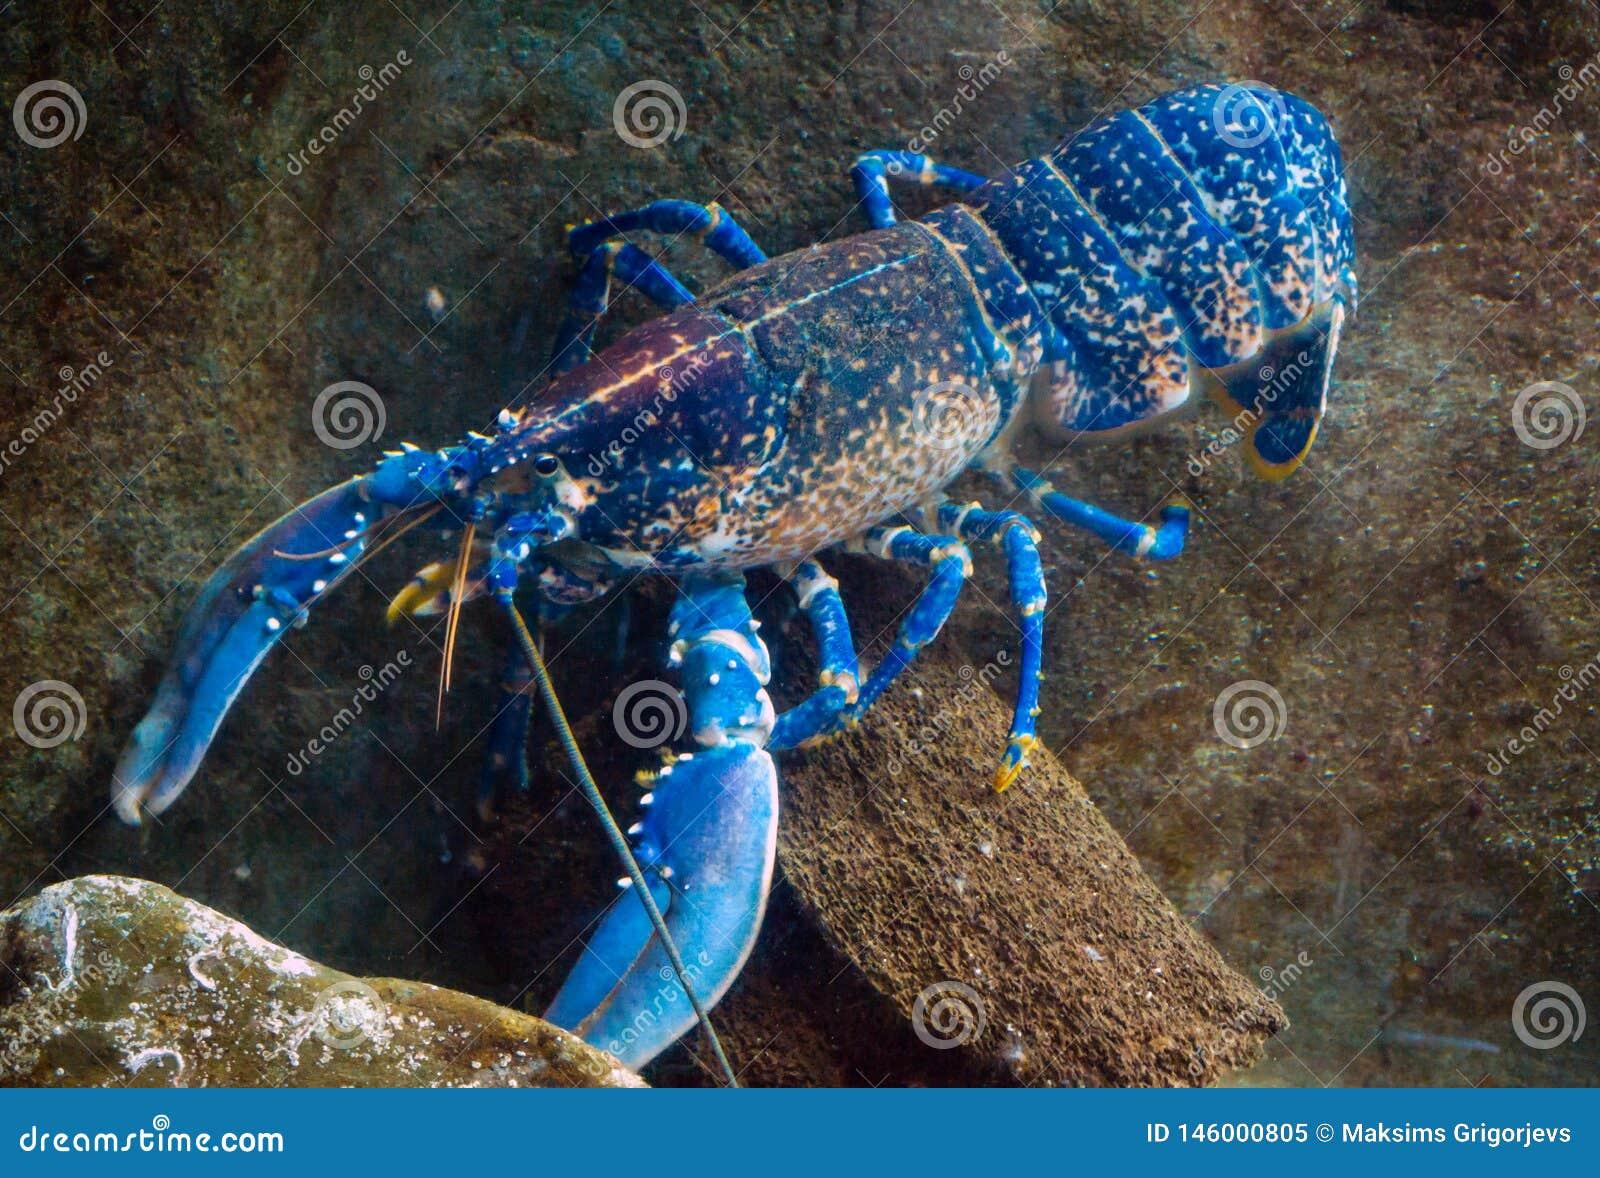 Kleurrijke Australische blauwe rivierkreeften, zeekreeft, cherax quadricarinatus in aquarium